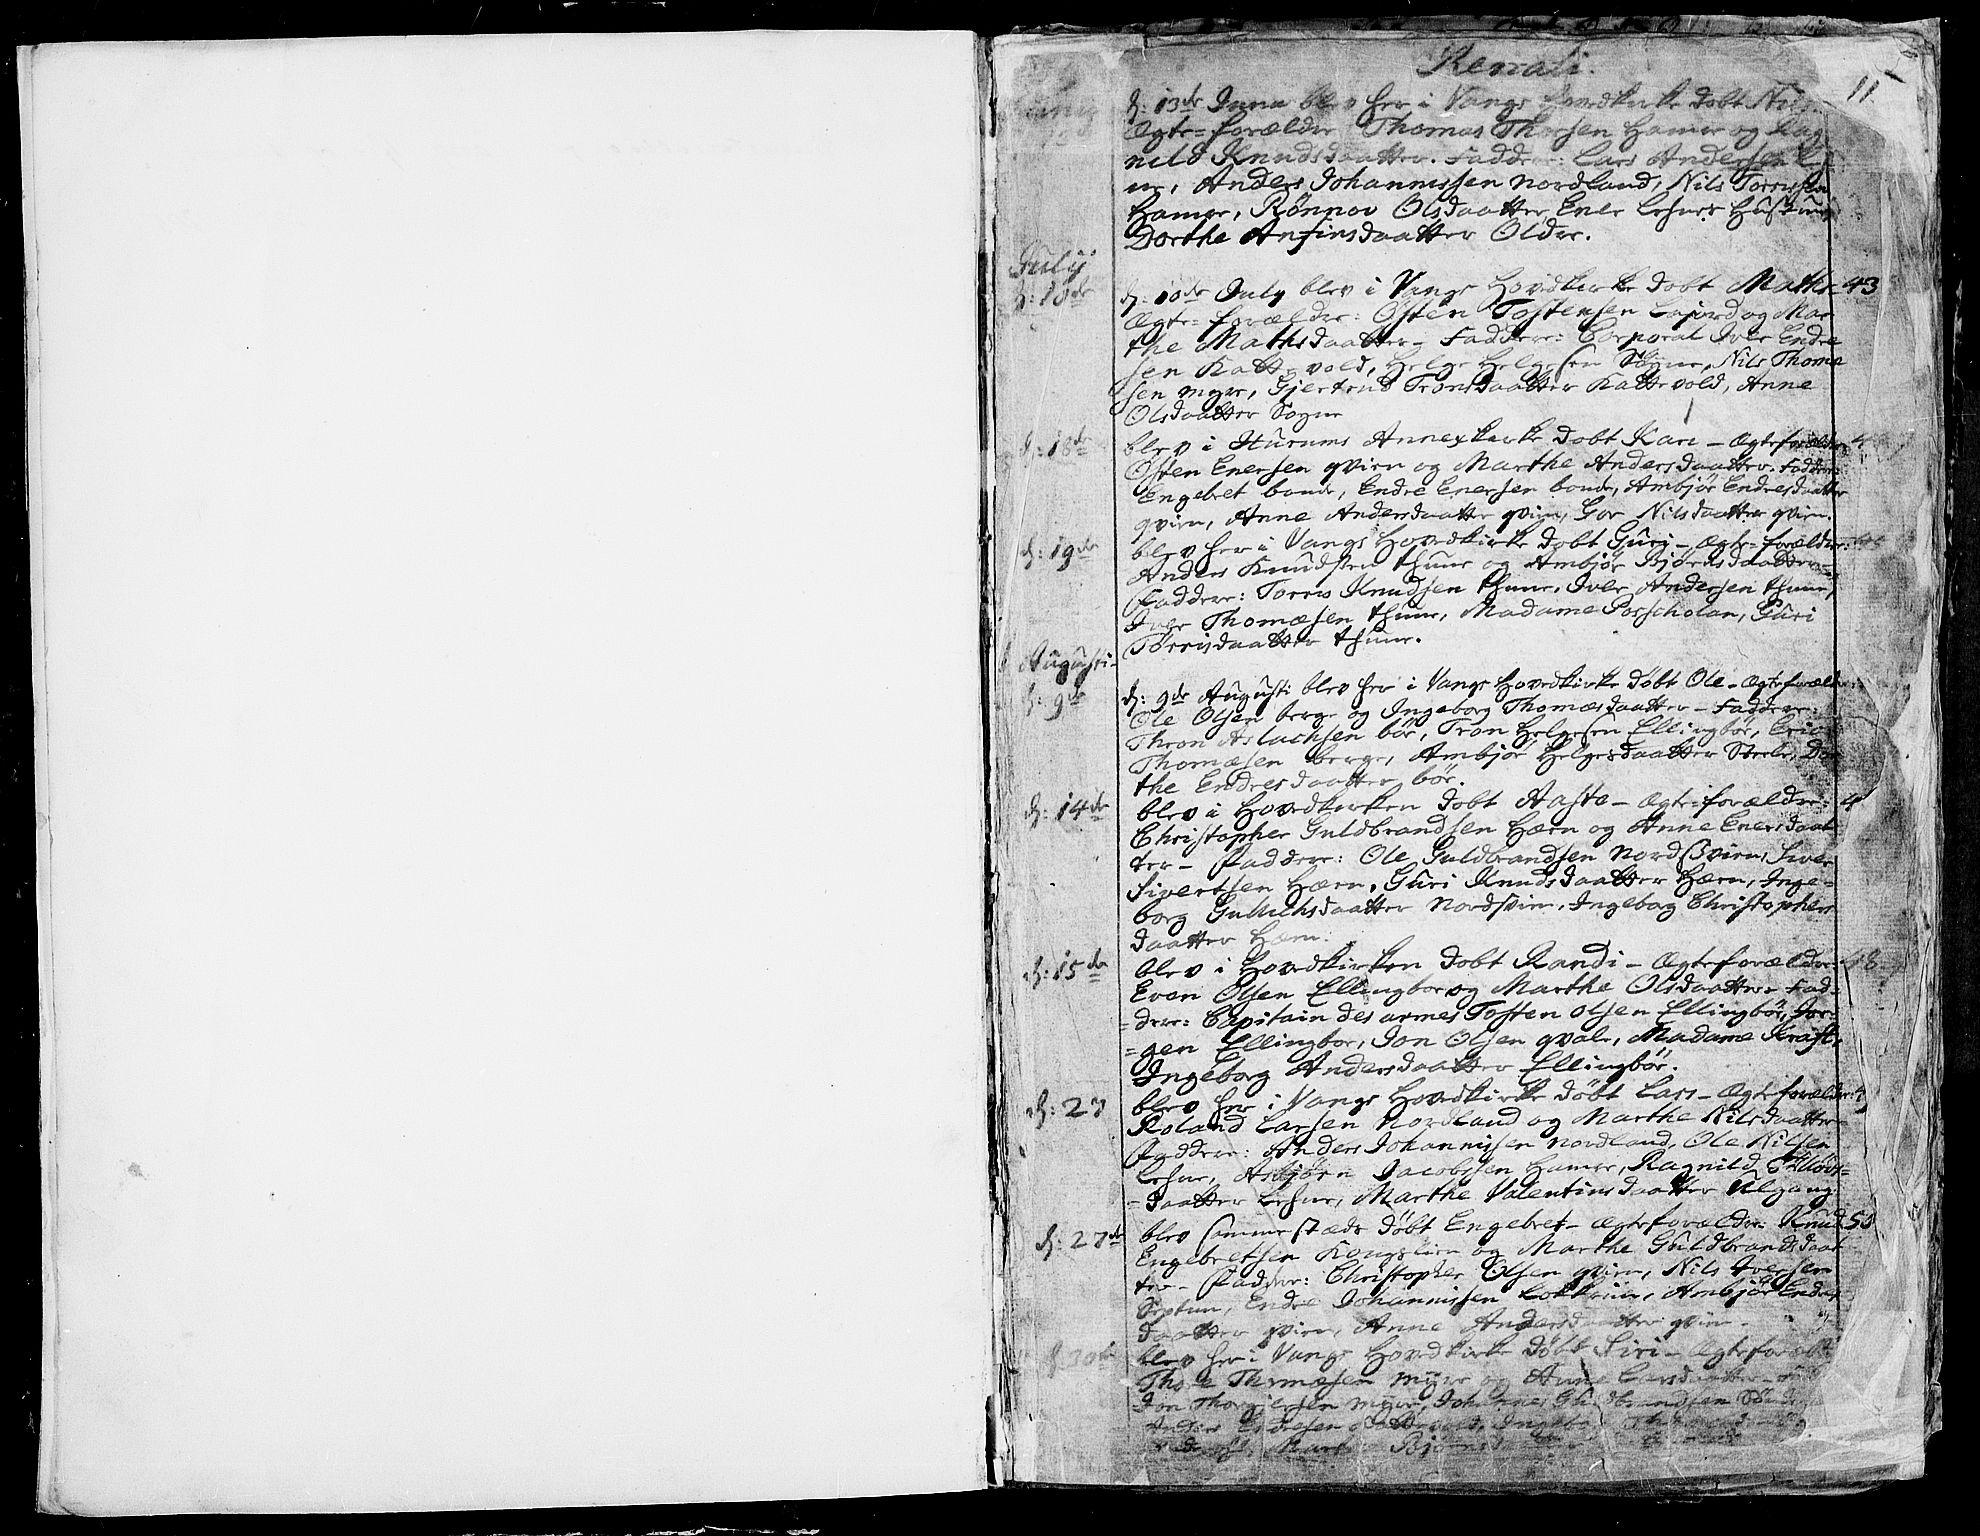 SAH, Vang prestekontor, Valdres, Ministerialbok nr. 1, 1730-1796, s. 10-11